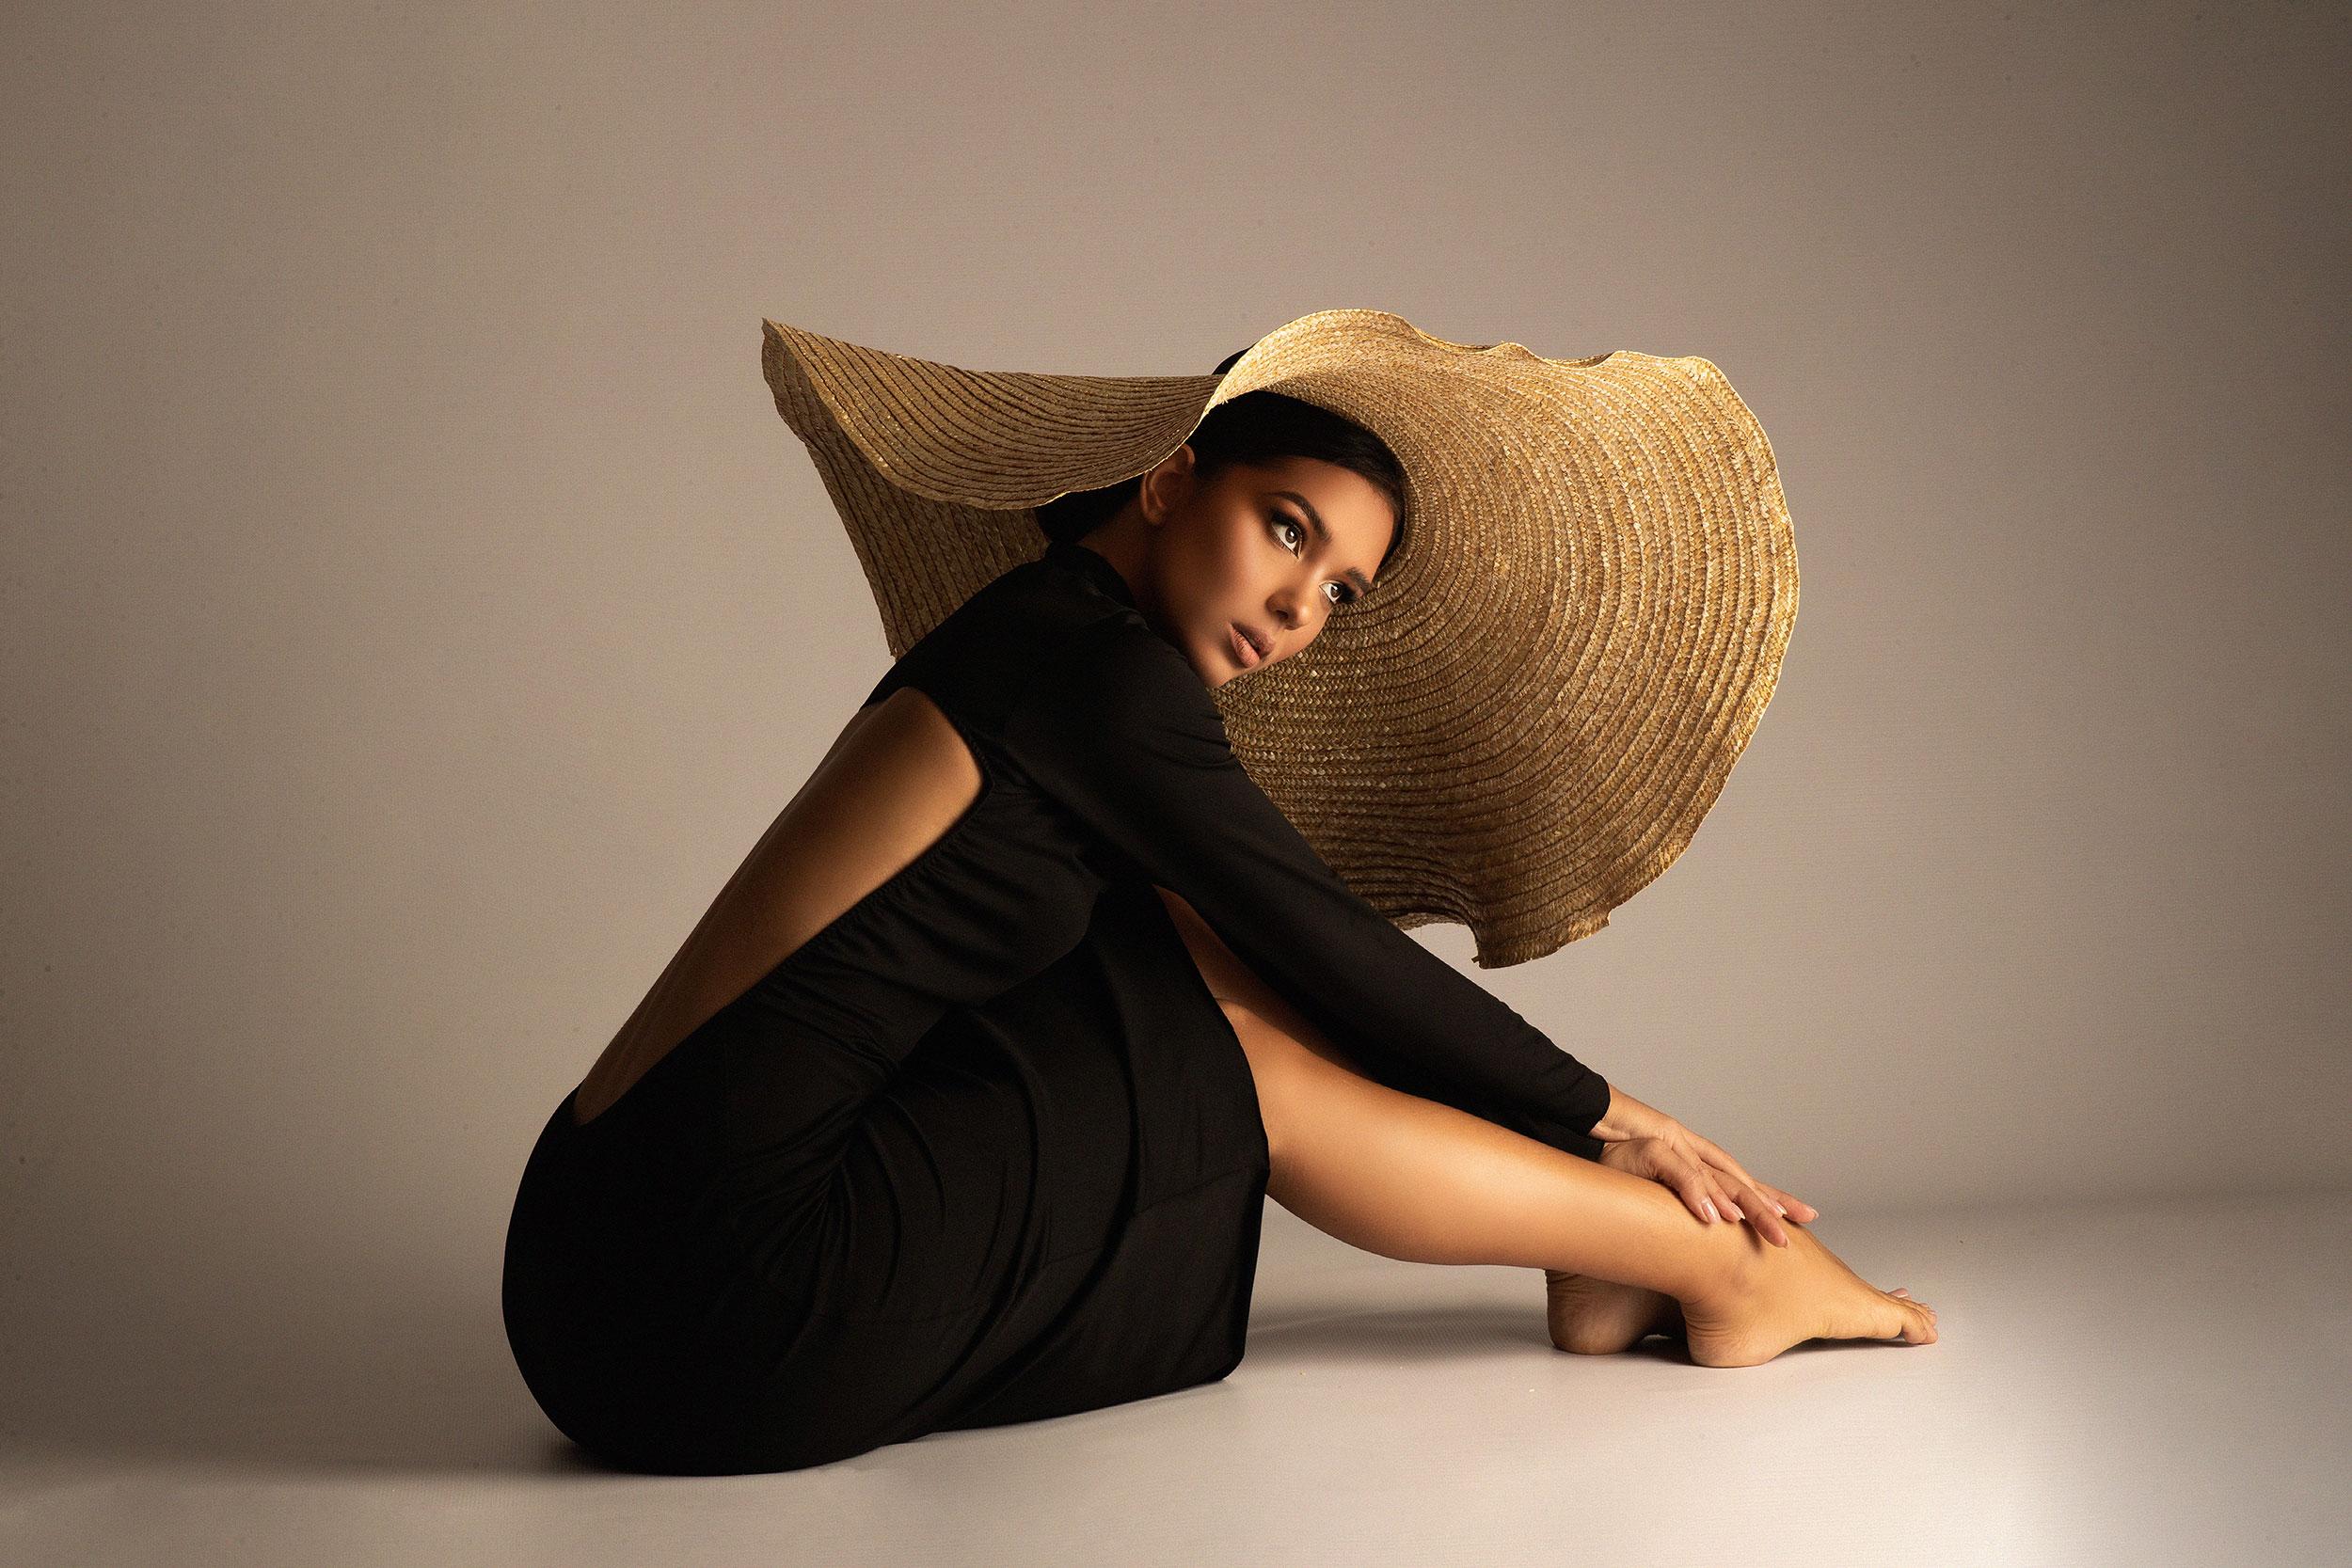 Nevina Shtylla wearing a dress by Jungle Humans